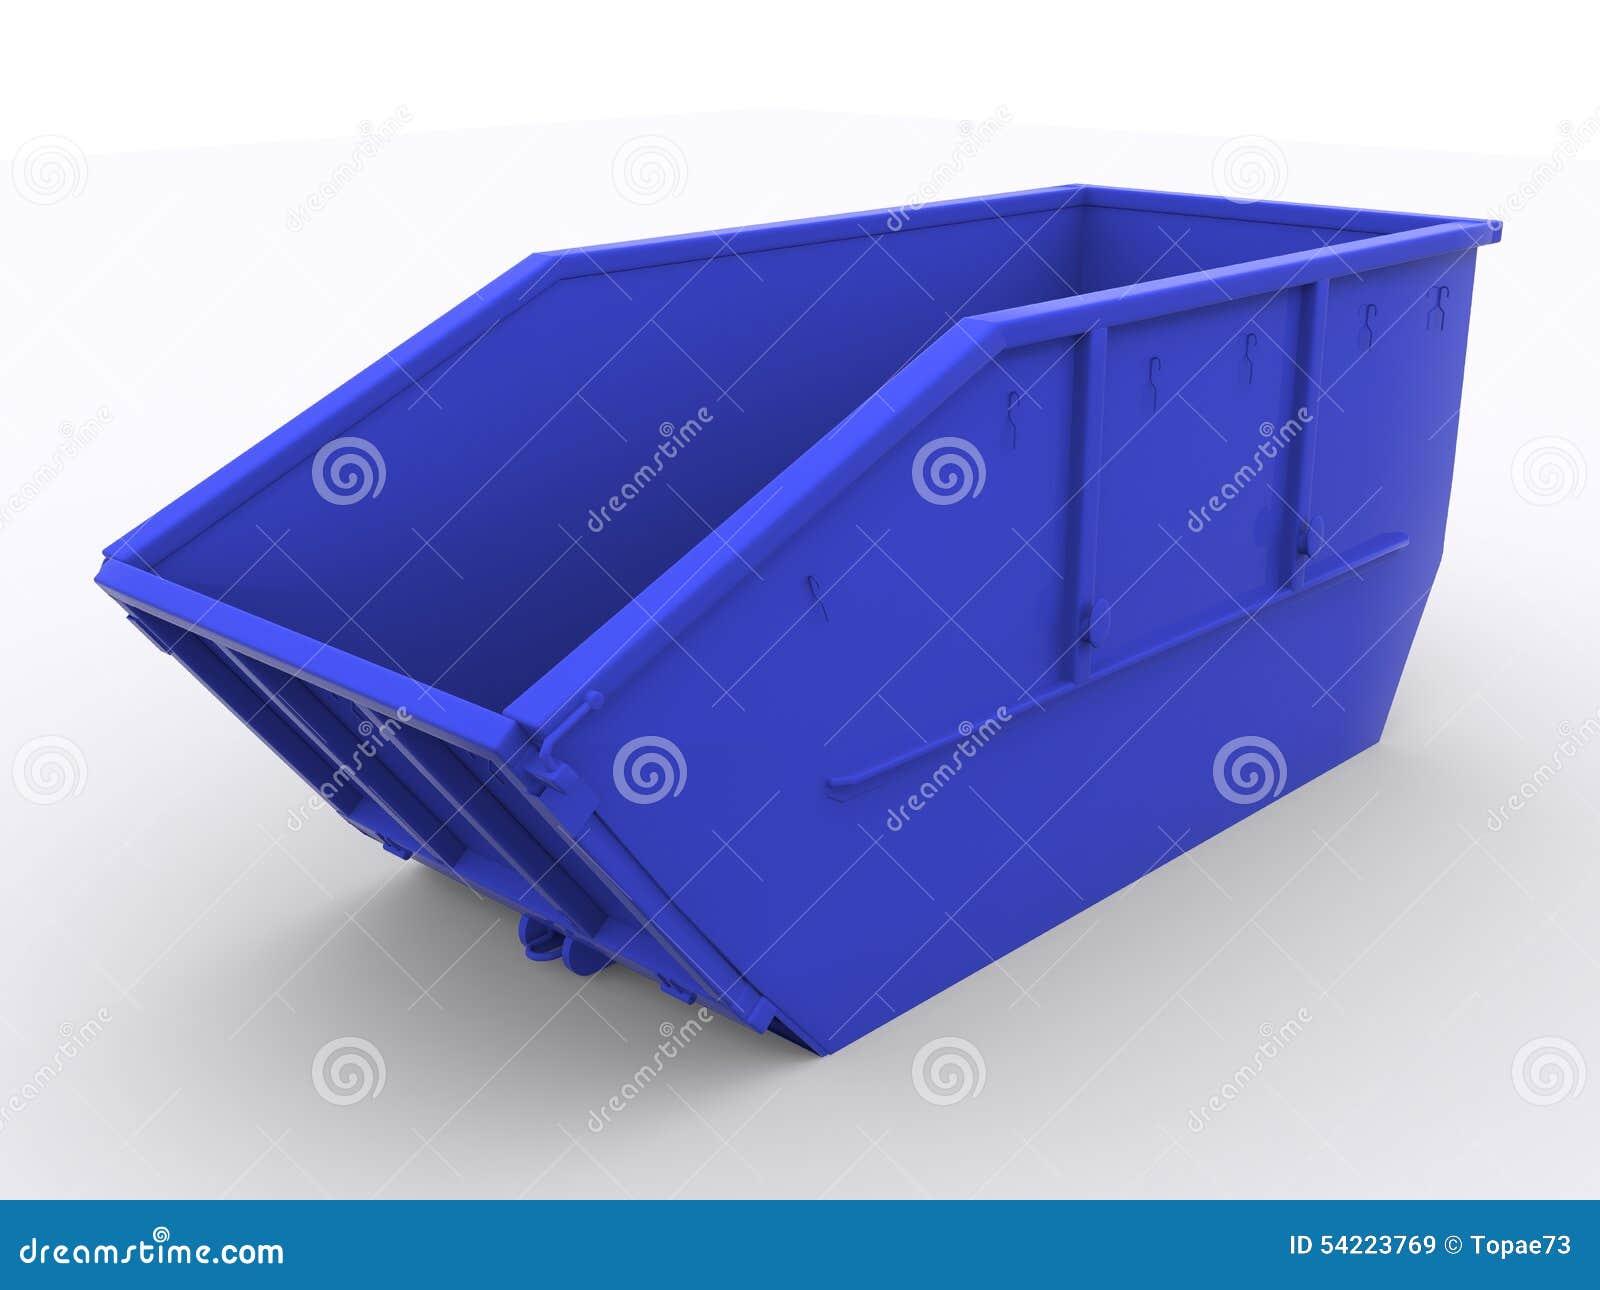 roll off dumpster business plan